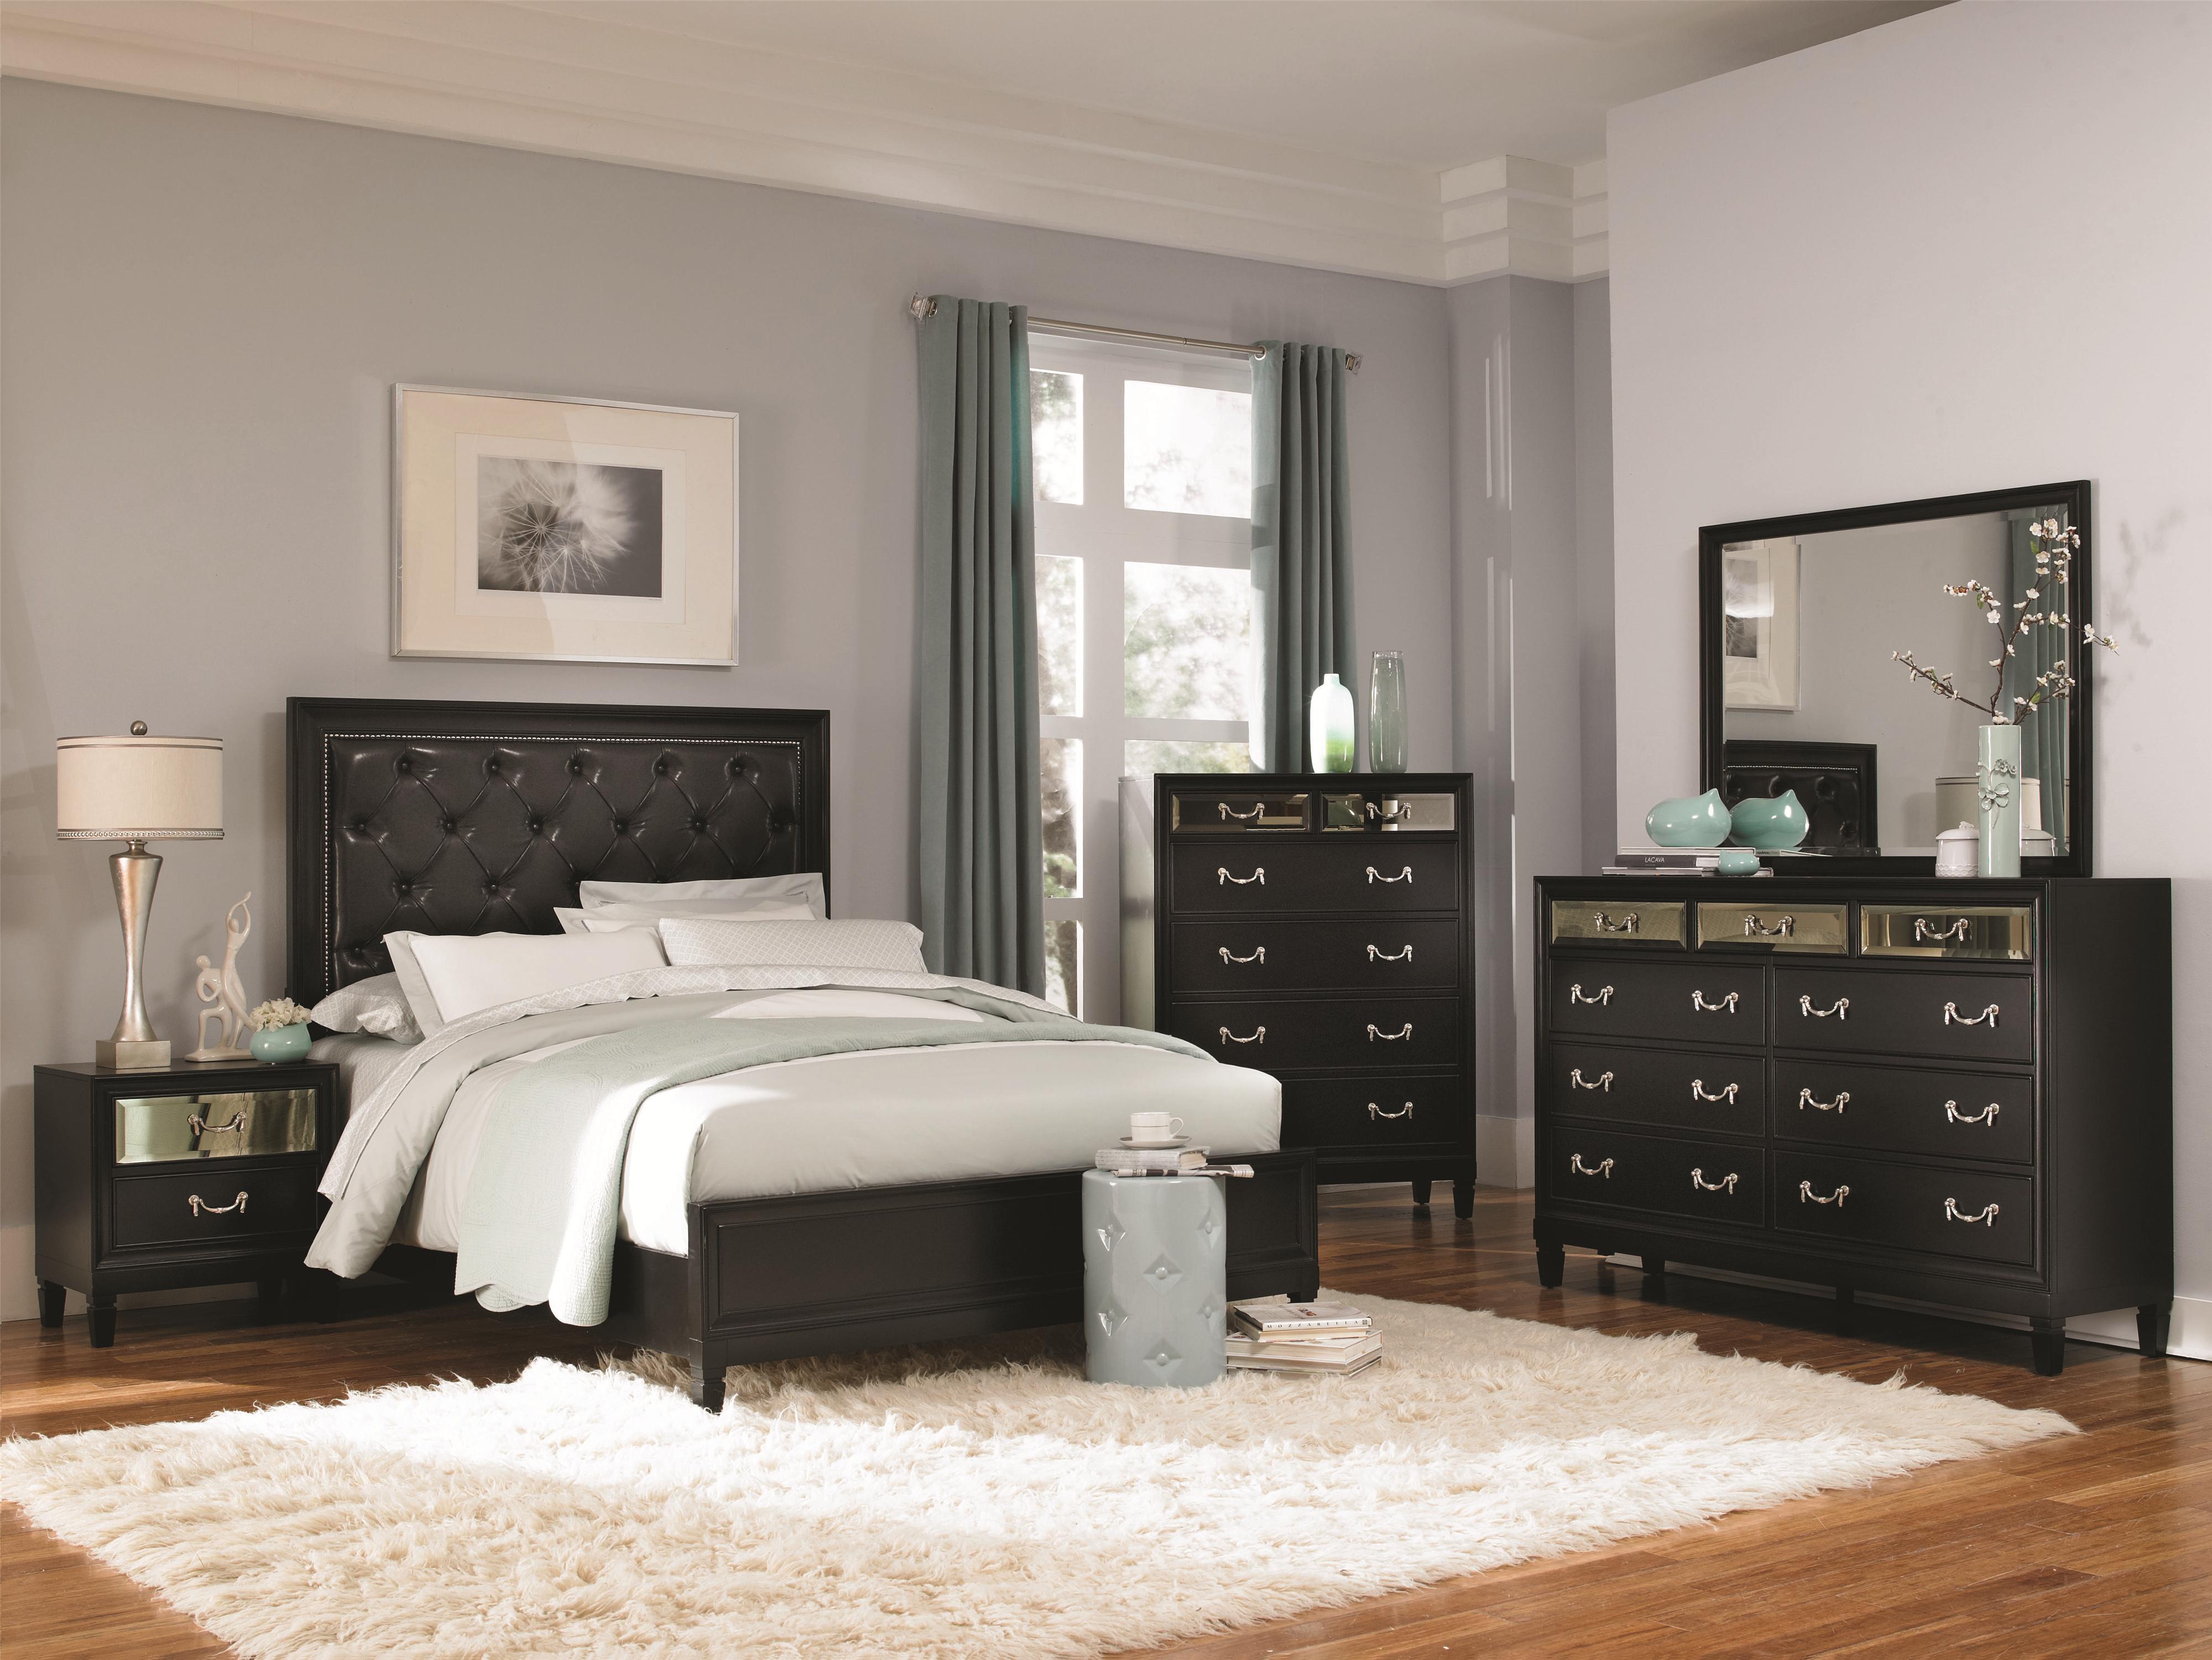 Coaster Devine Bedroom Group - Item Number: 20312 Q Bedroom Group 1